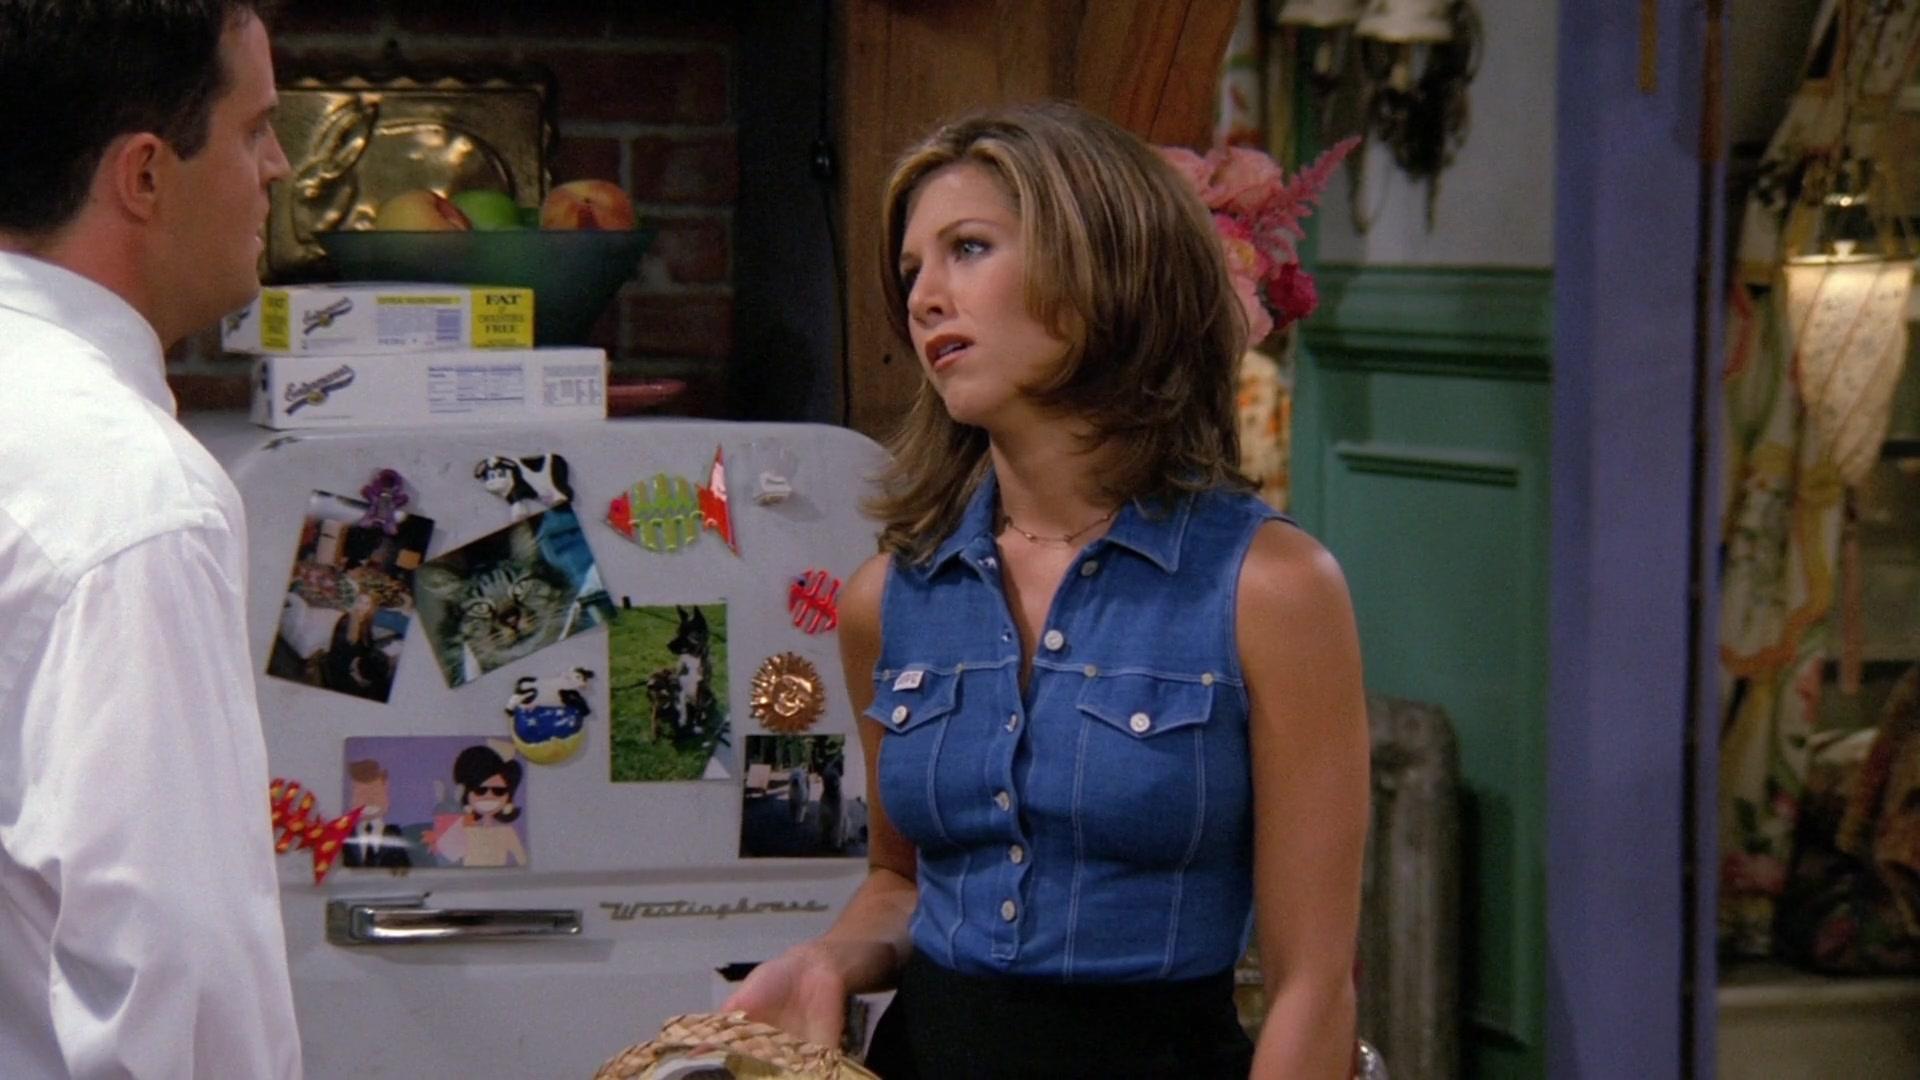 Westinghouse Fridge (Refrigerator) in Friends Season 2